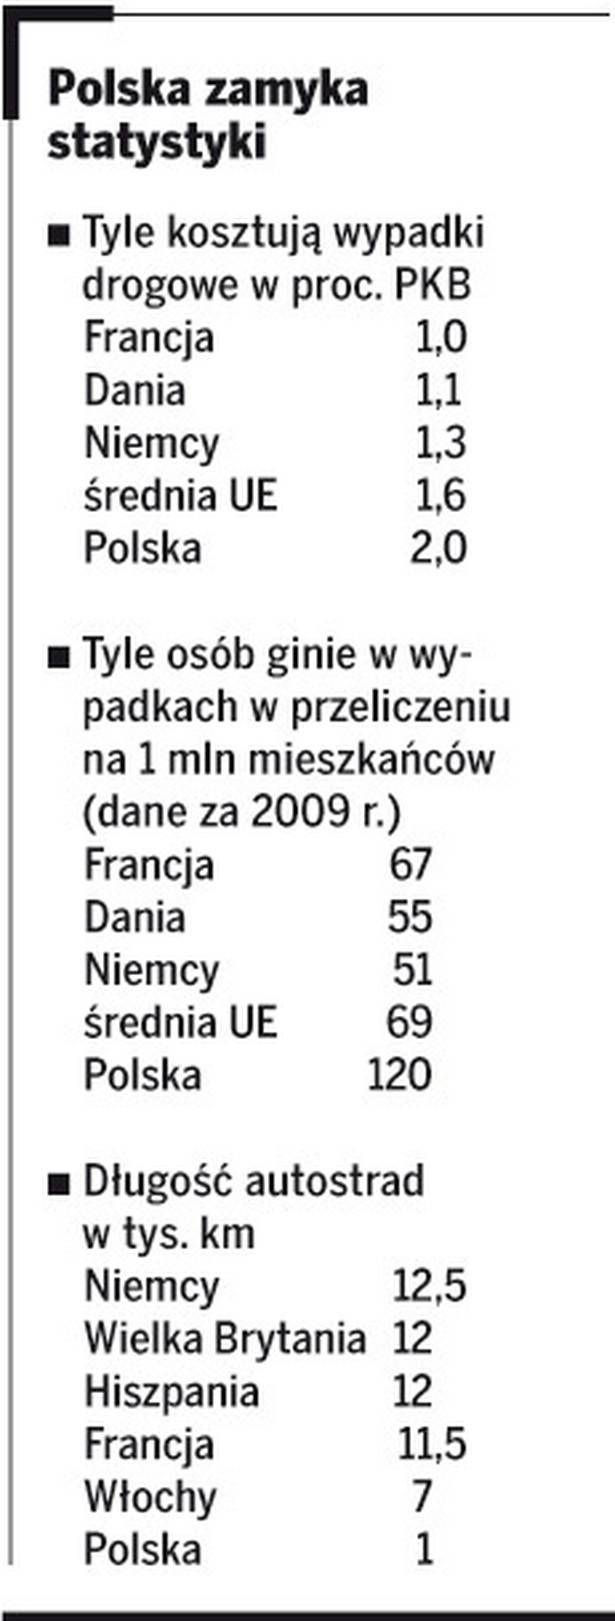 Polska zamyka statystyki